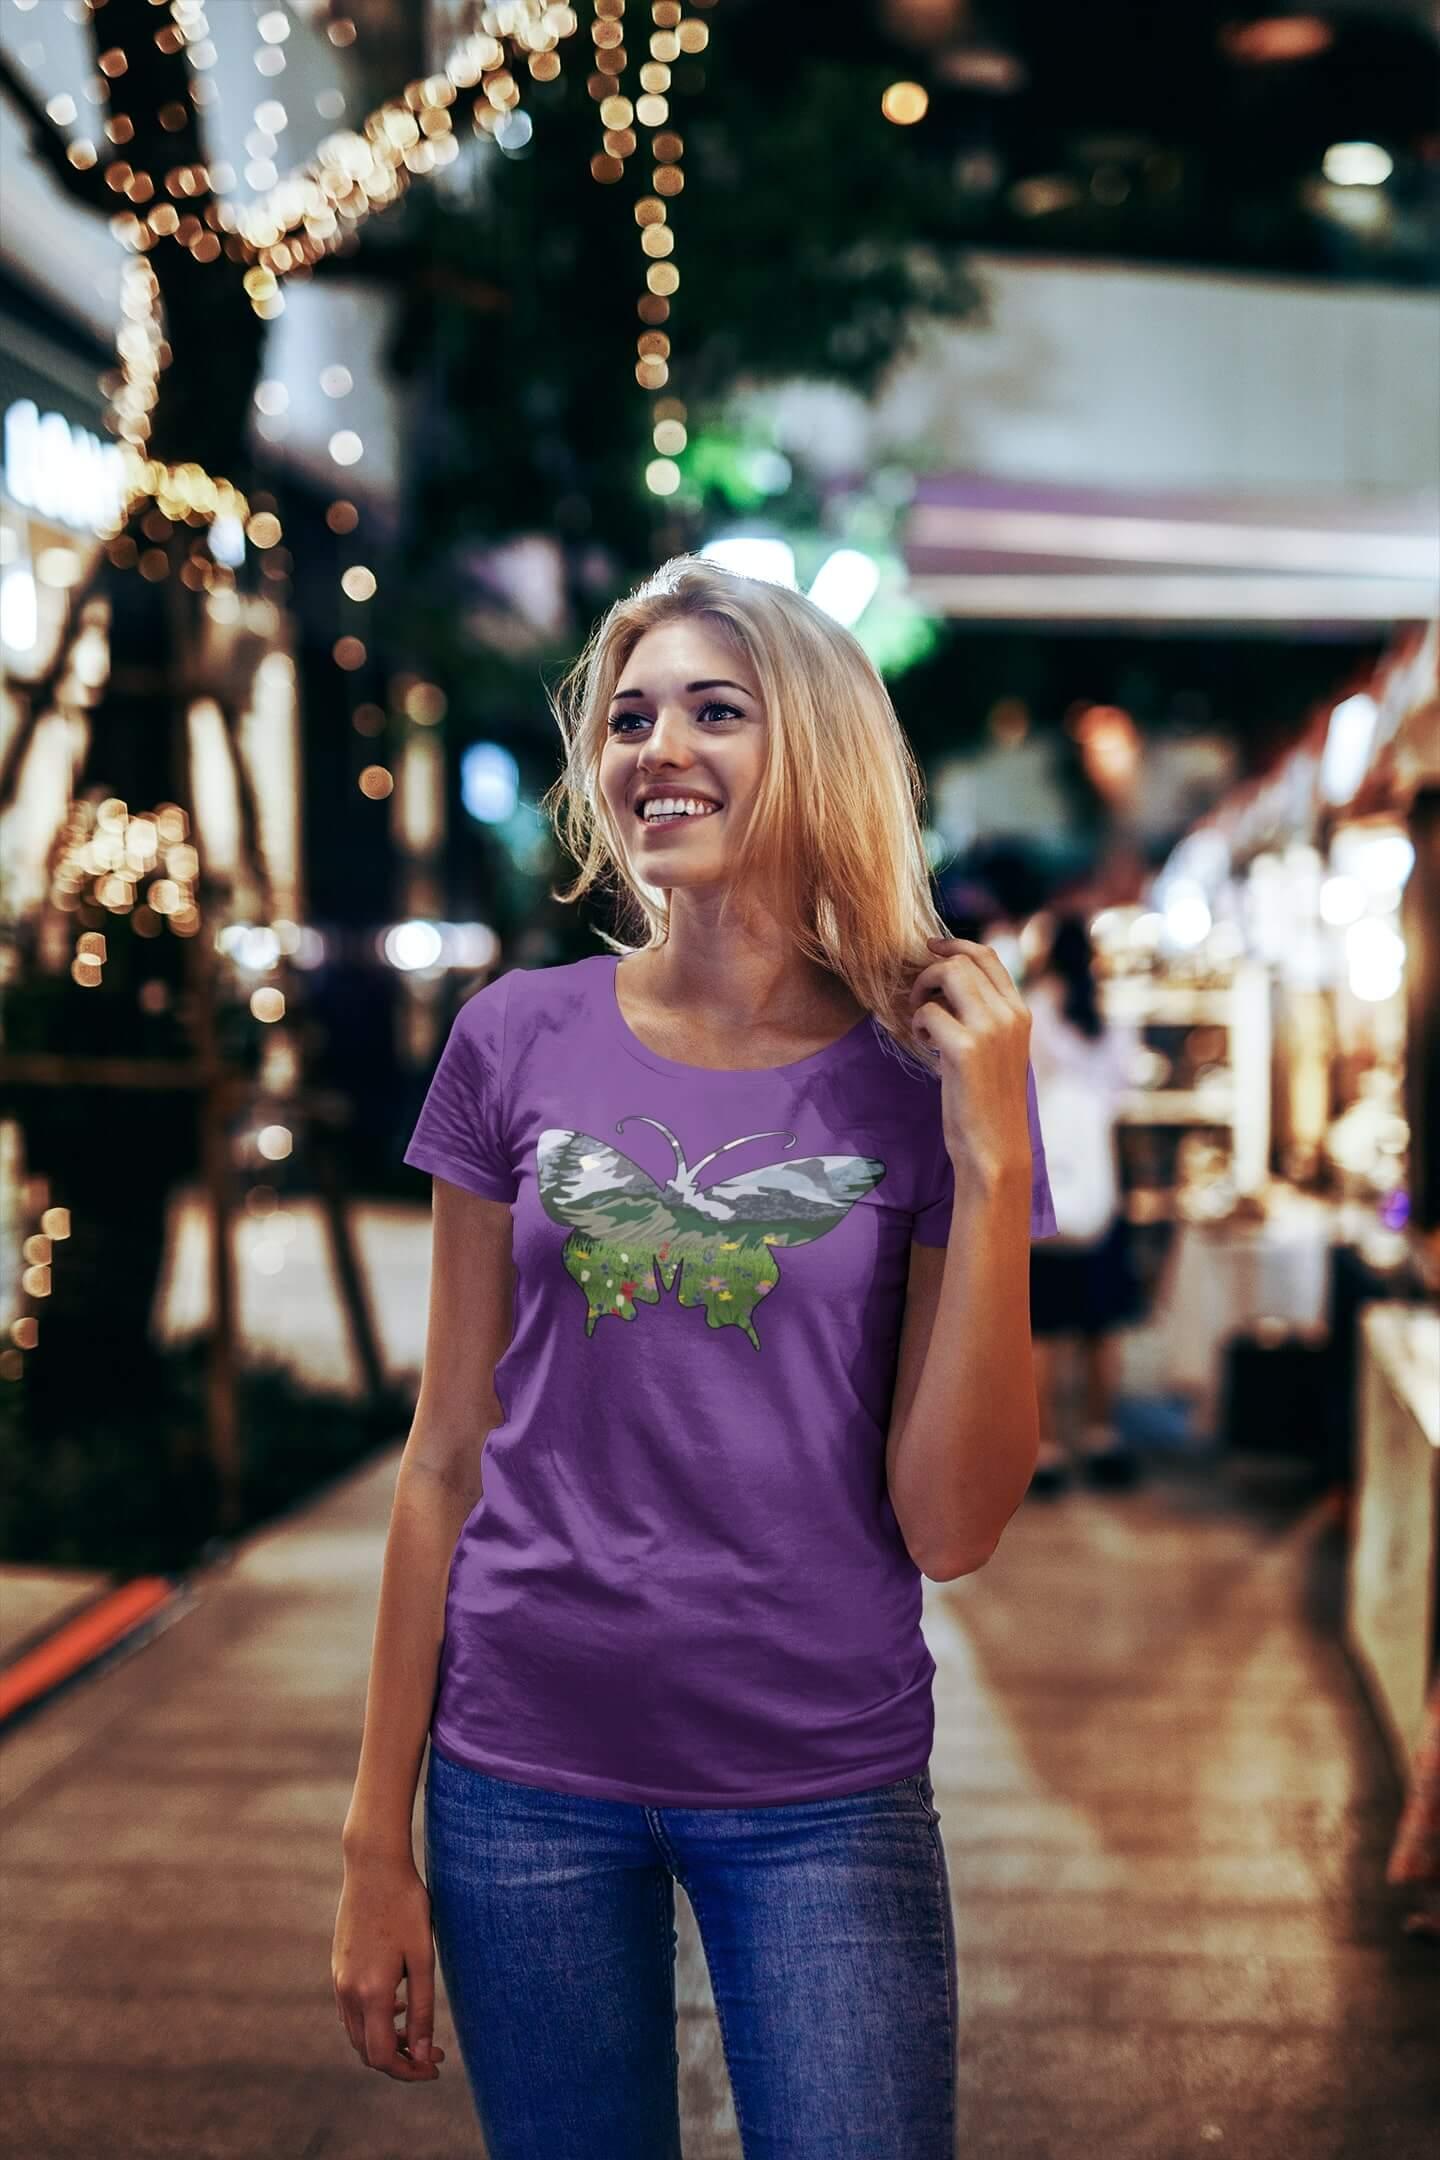 MMO Dámske tričko Motýľ Vyberte farbu: Fialová, Vyberte veľkosť: S